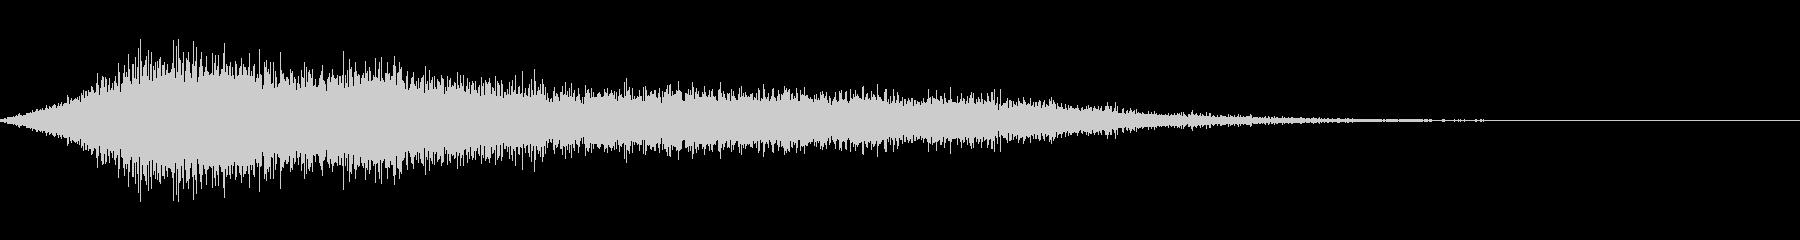 ワープの効果音の未再生の波形